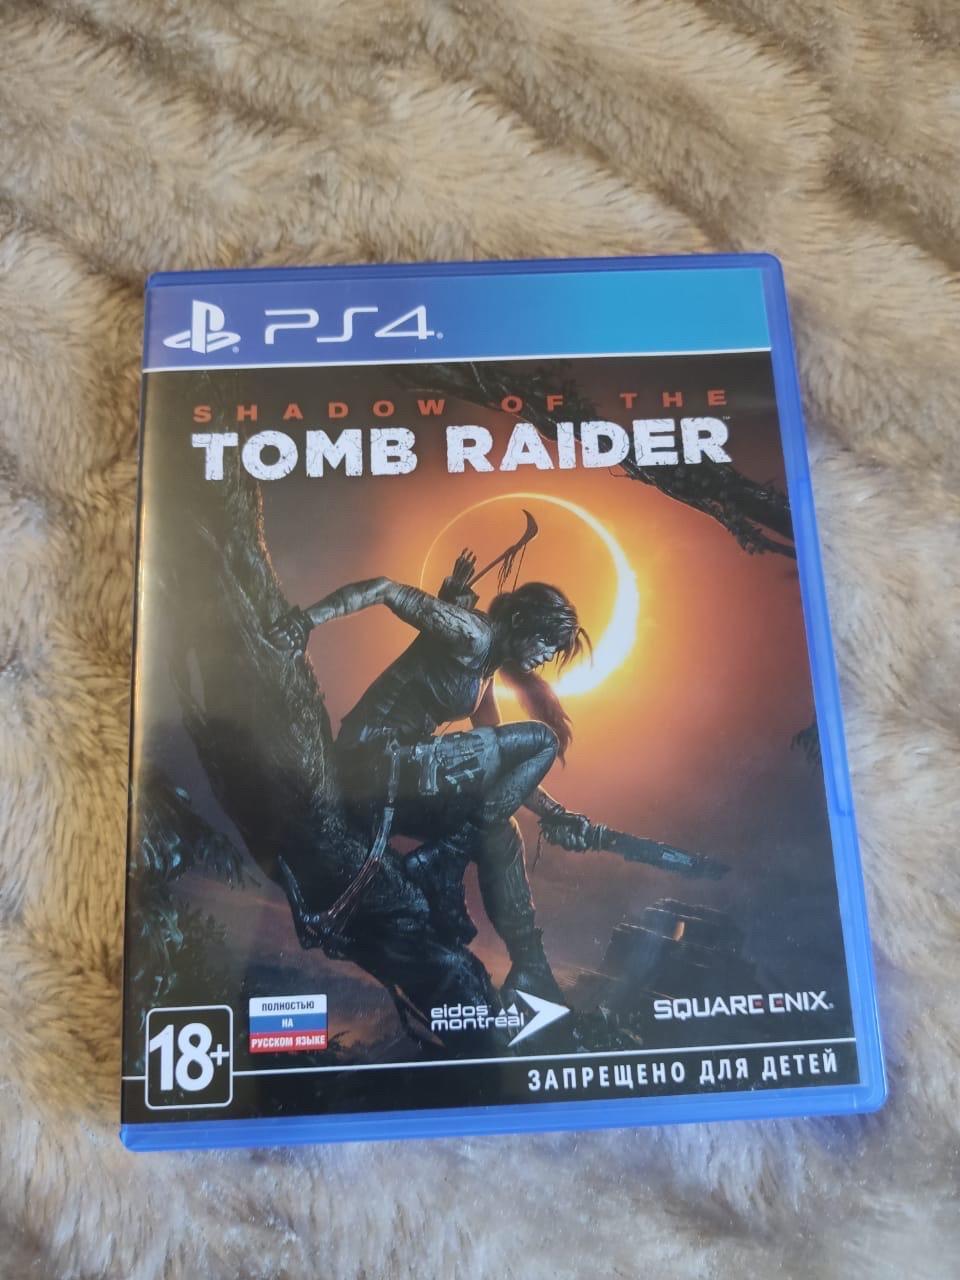 Shadow of tomb raider ps4 в Москве 89266884320 купить 1